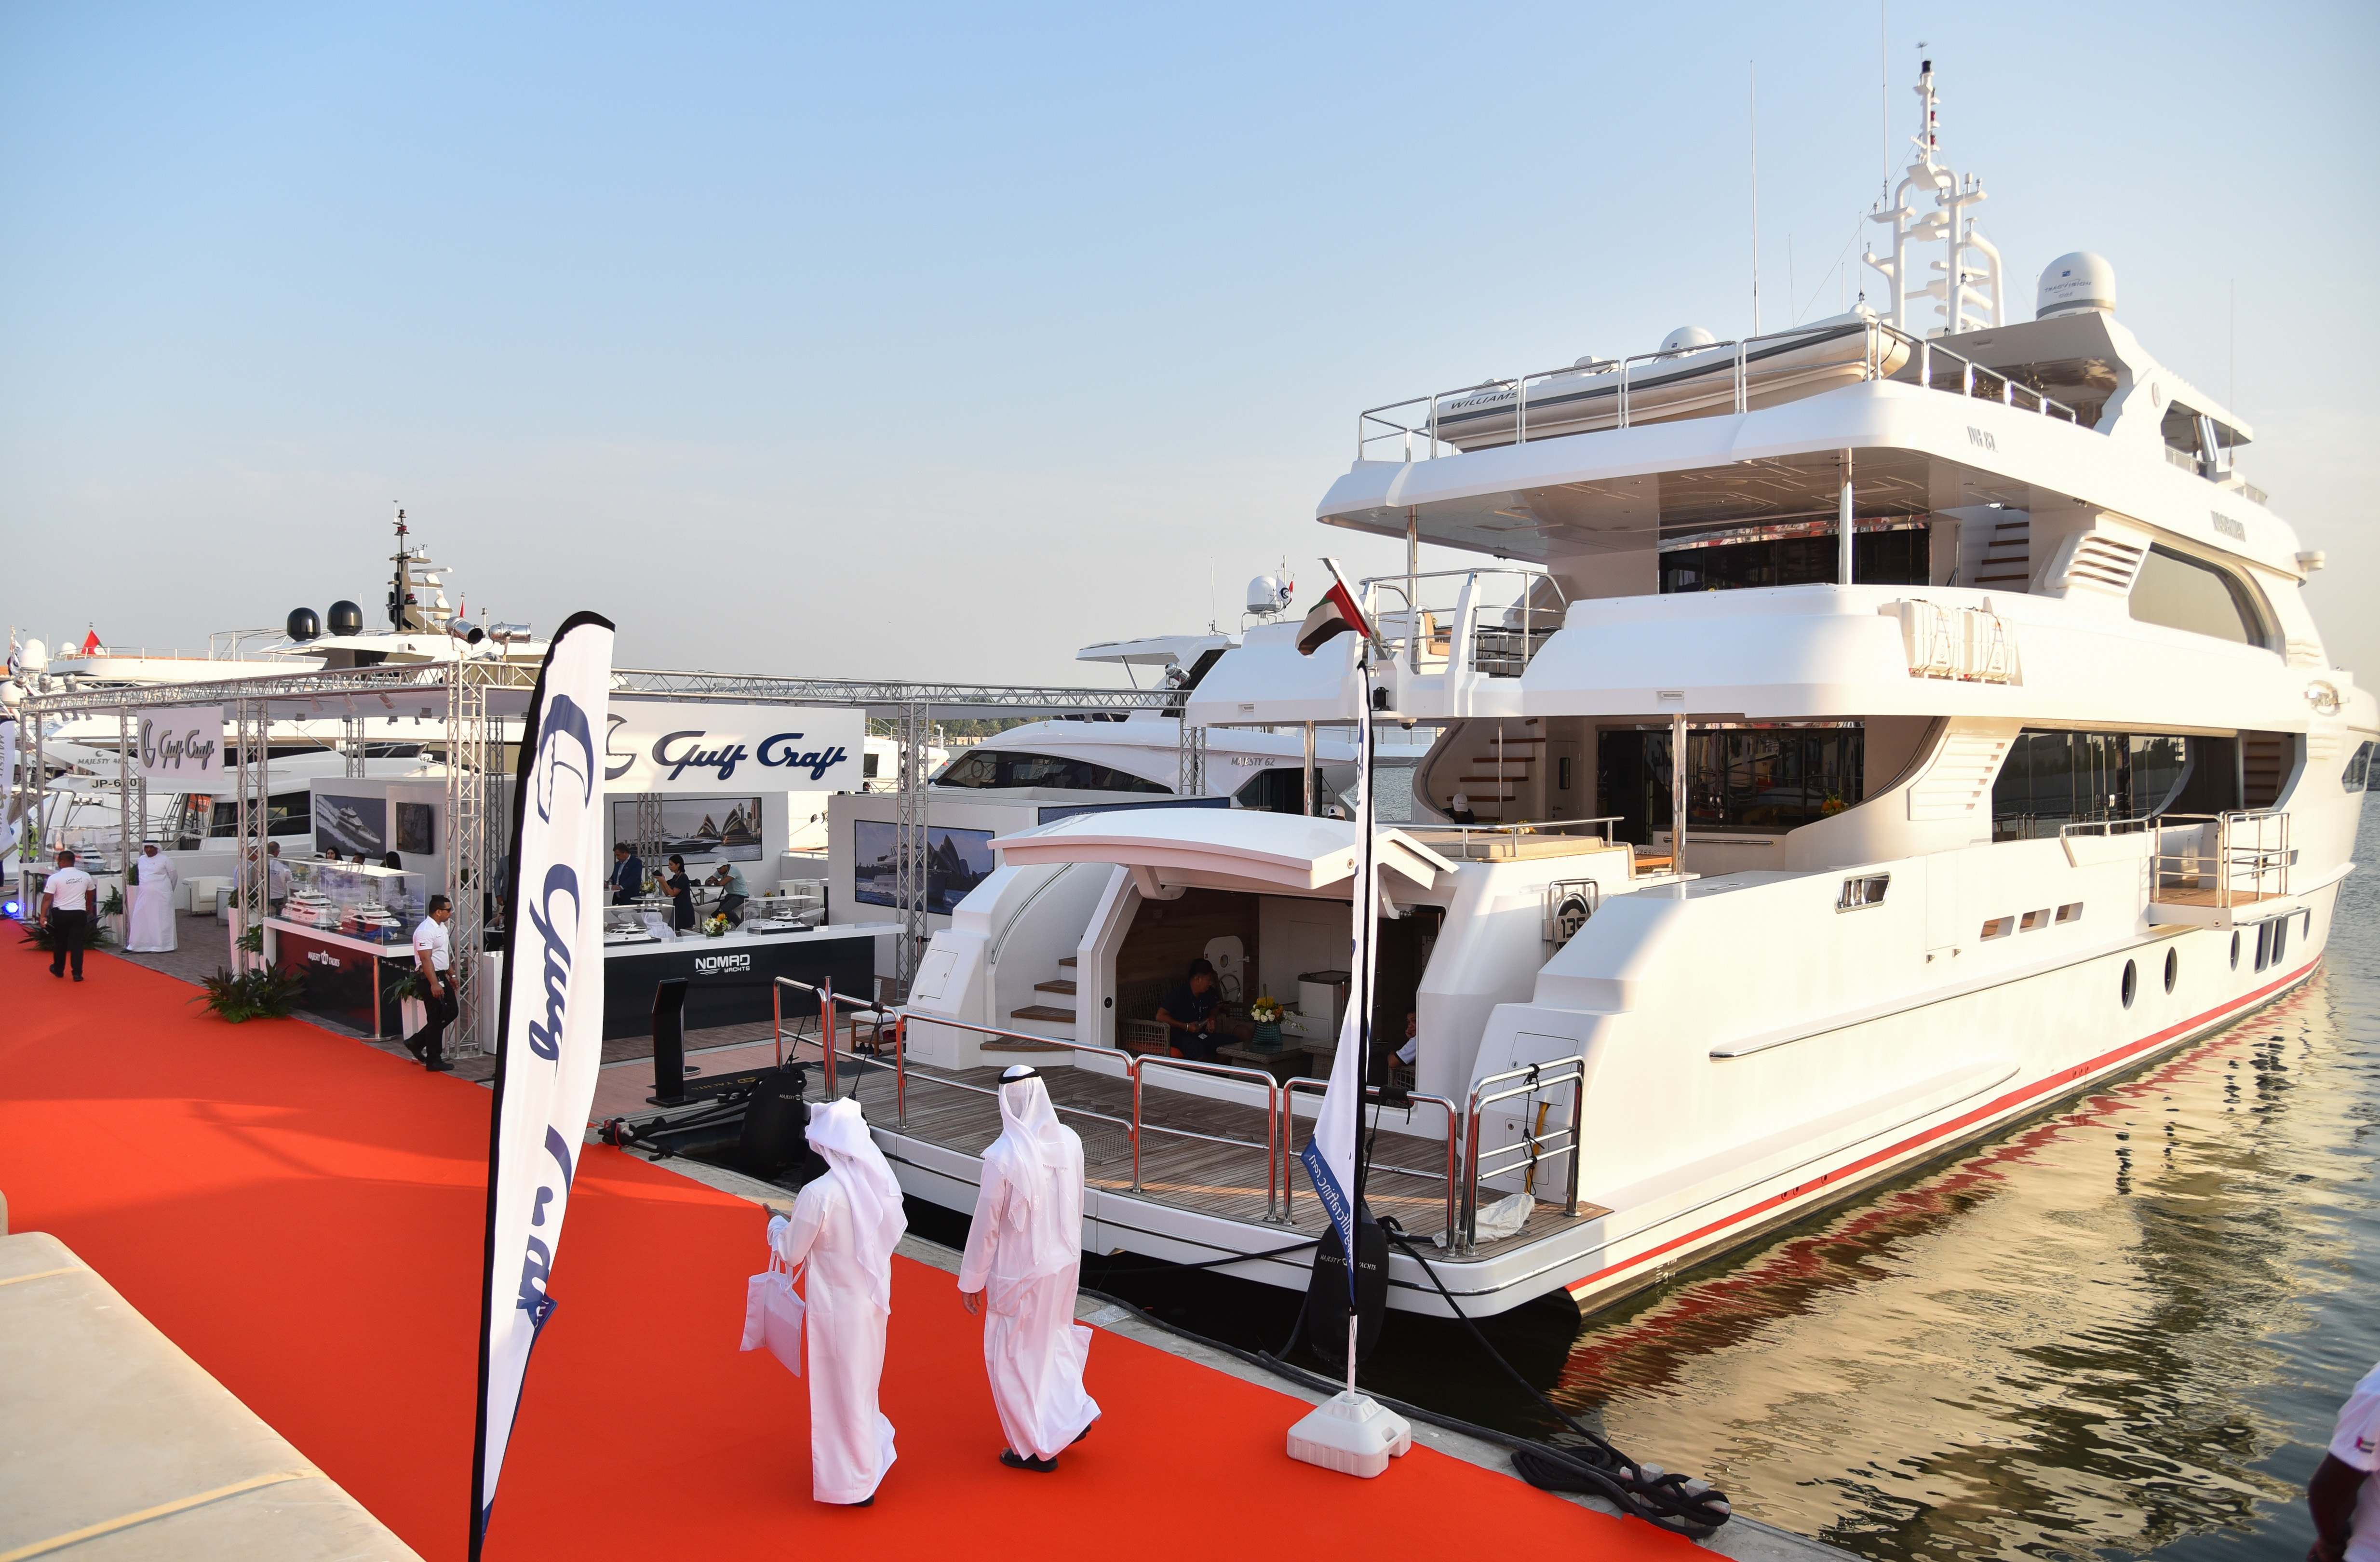 Gulf Craft, Abu Dhabi Boat Show 2018 (6).jpg